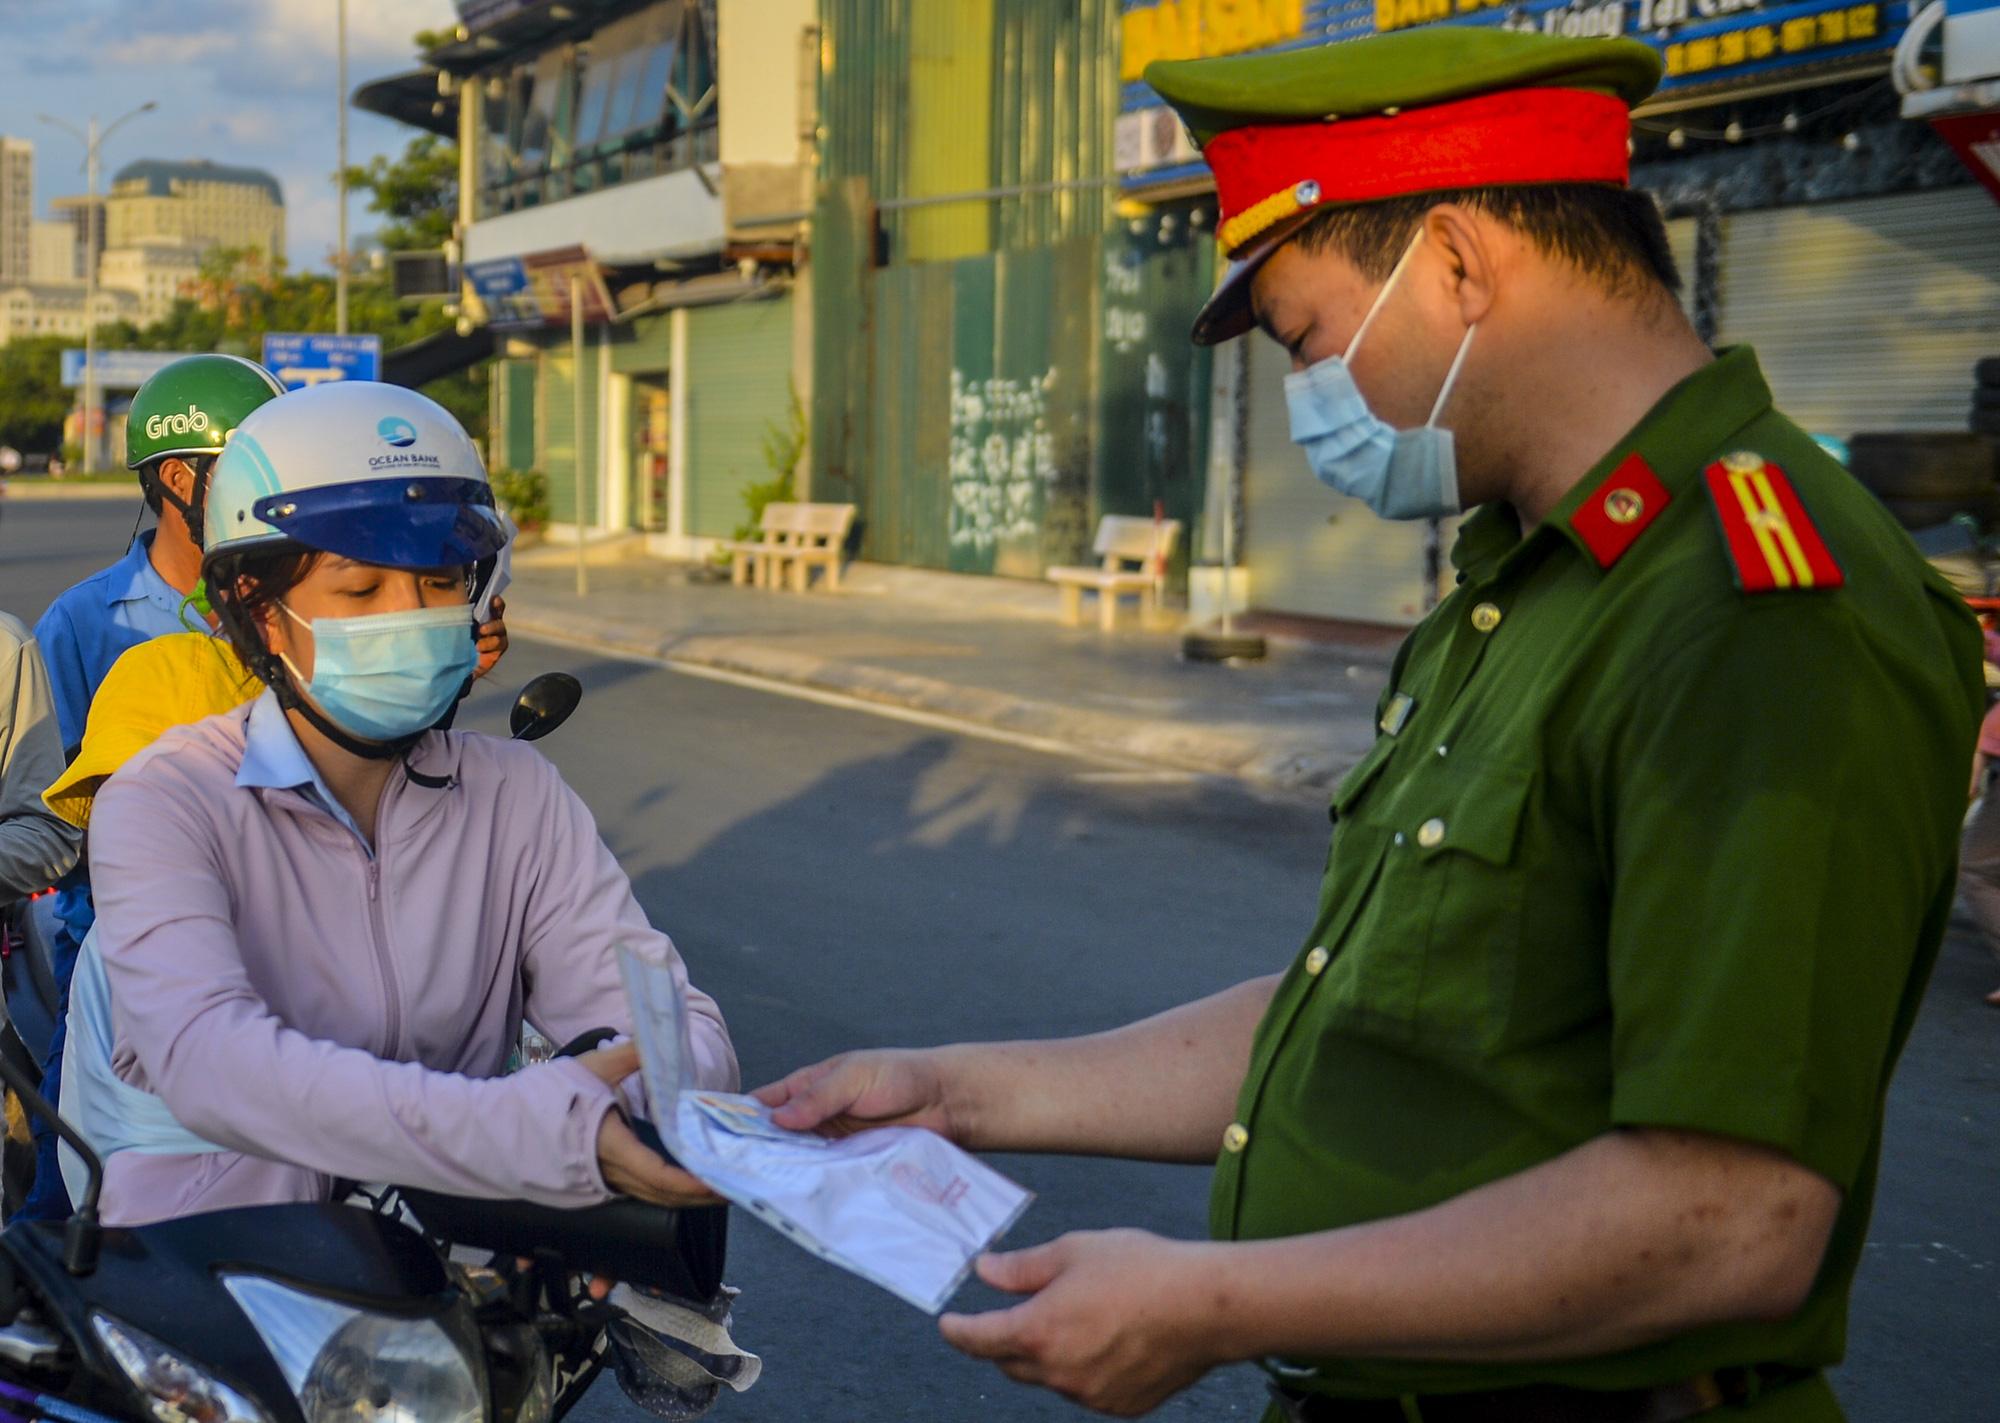 Hà Nội: Người dân muốn ra, vào làng phải khai báo rõ ở nhà số bao nhiêu, ngõ nào? - Ảnh 4.